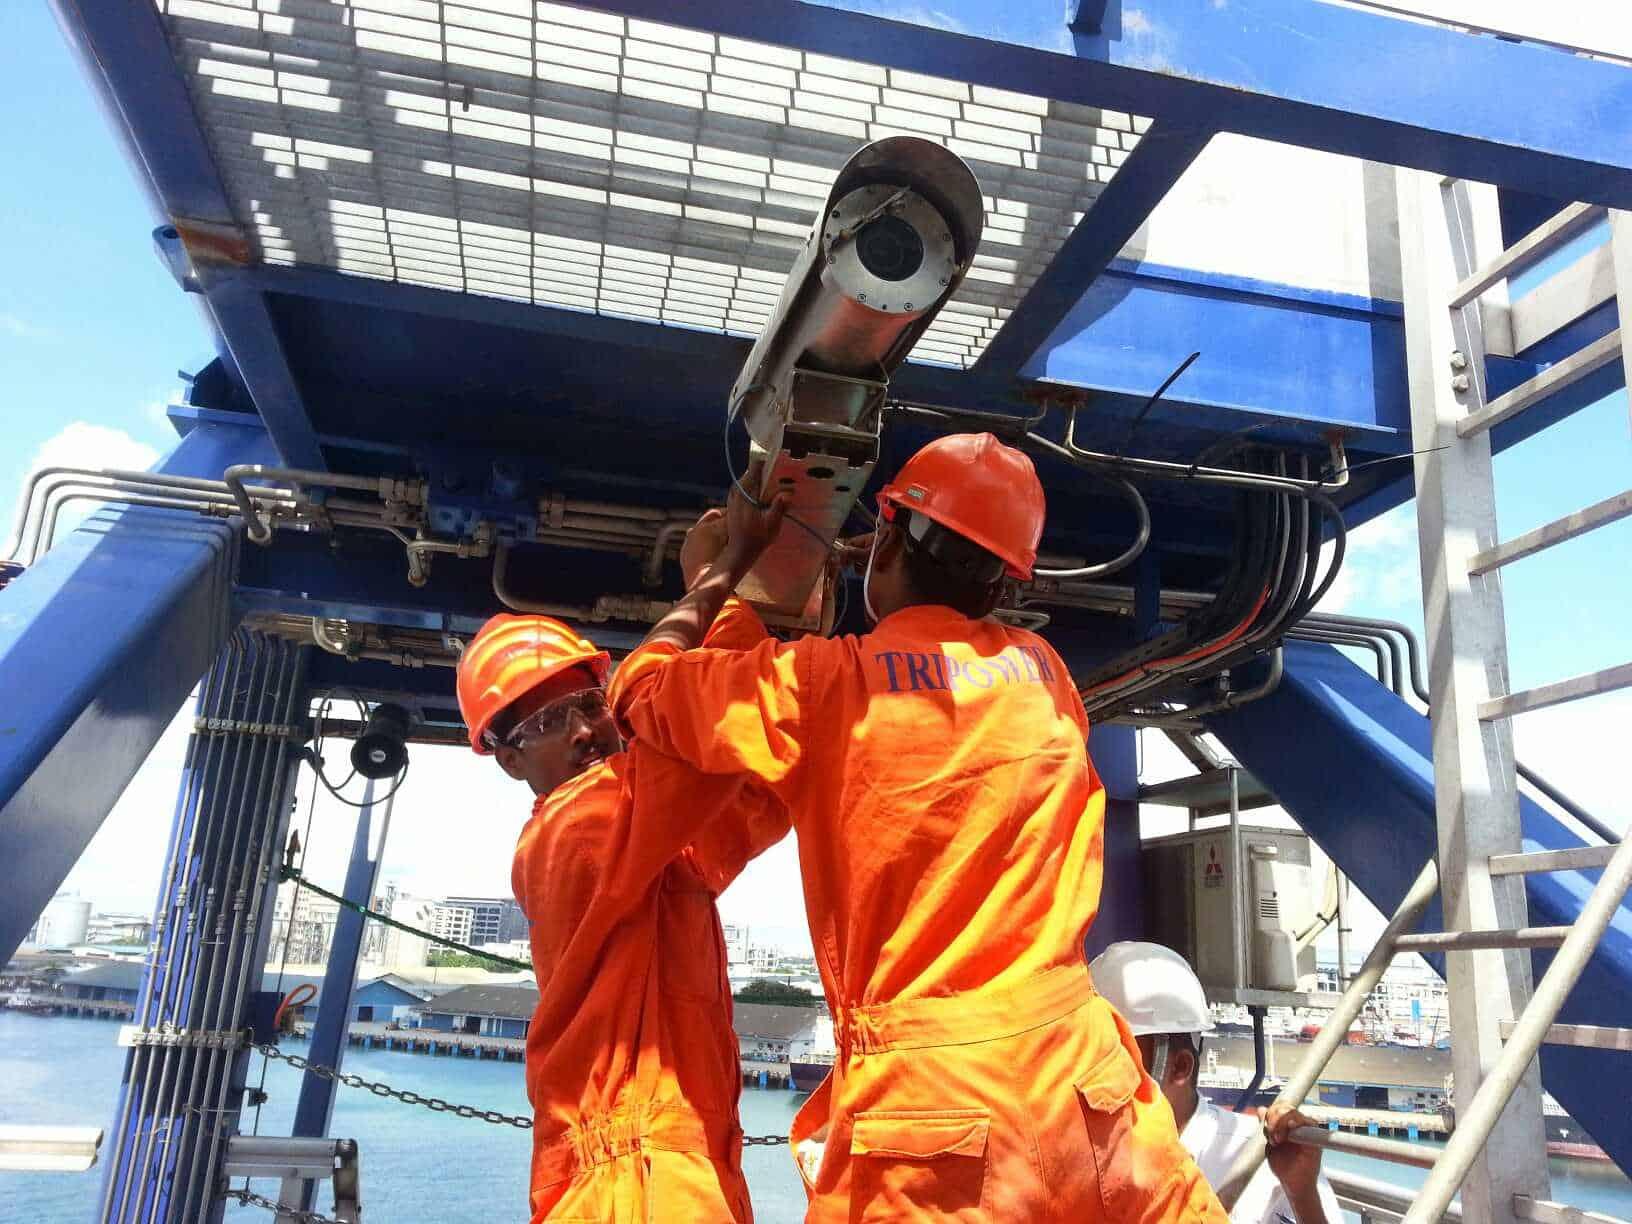 Tecnovideo, nell'anno del COVID una nuova sede, fatturati stabili e la presenza forte negli Emirati